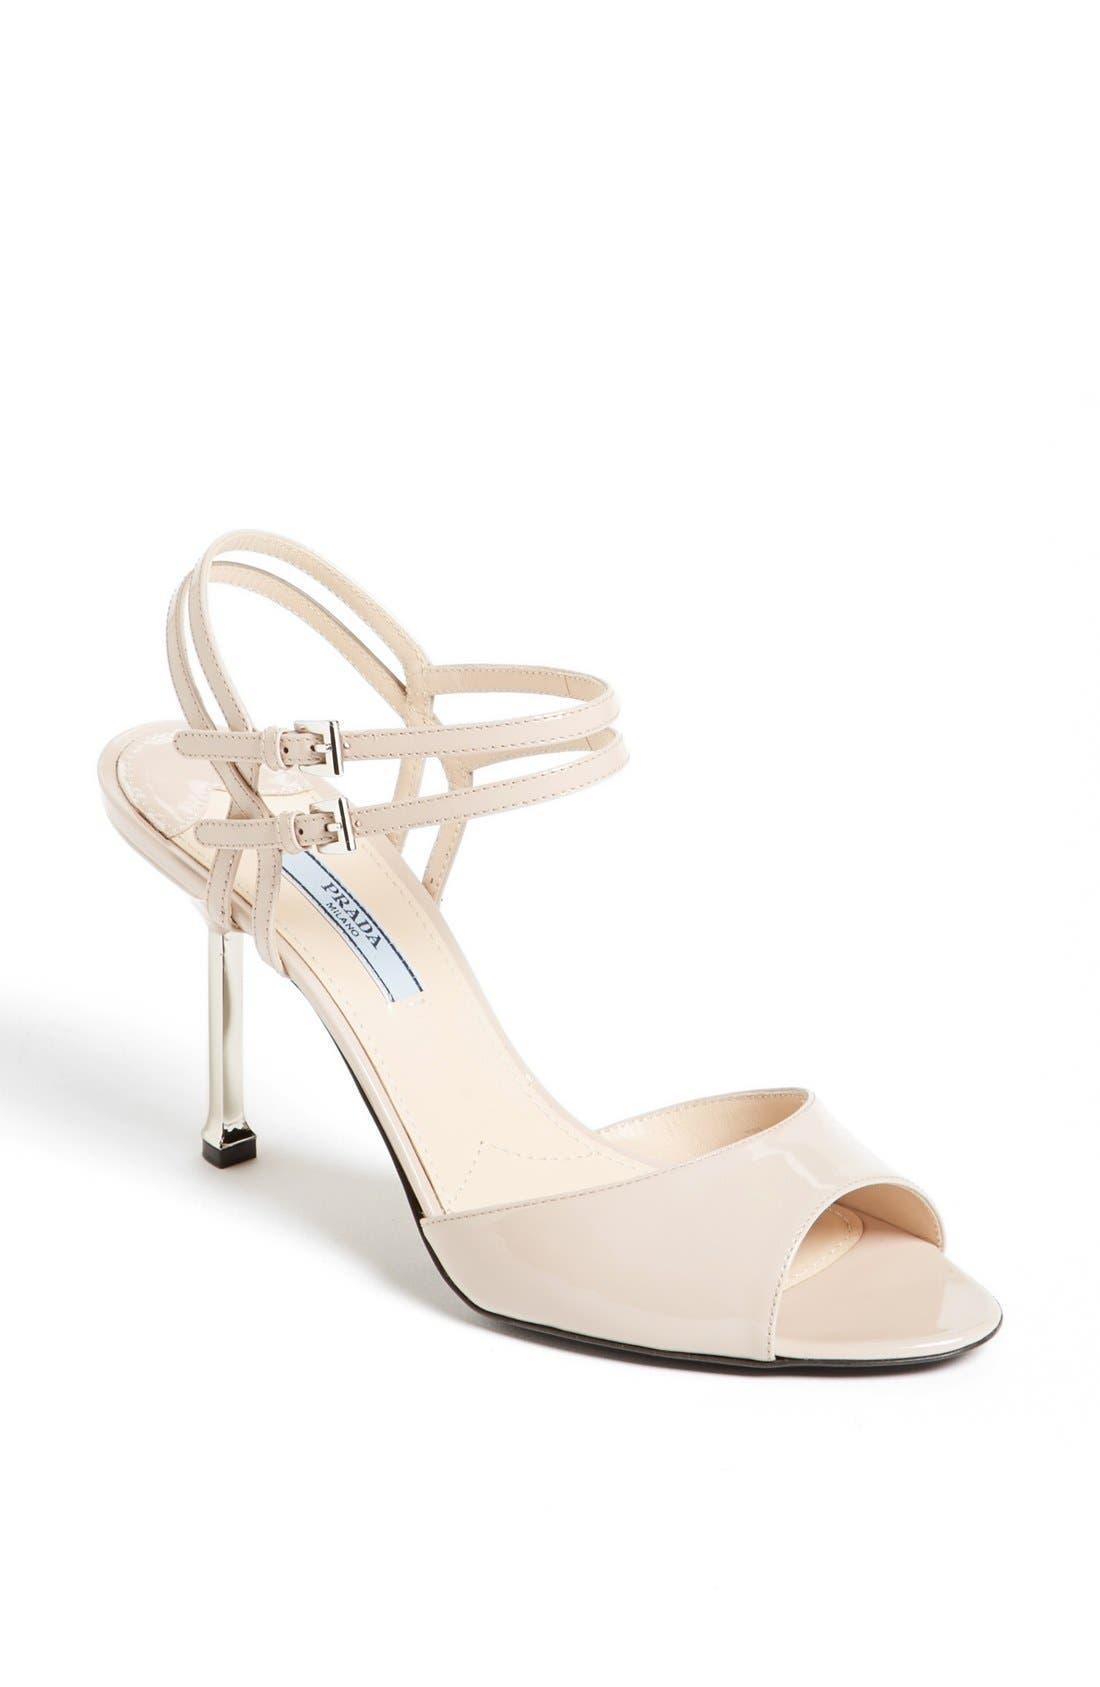 Alternate Image 1 Selected - Prada Double Ankle Buckle Metal Heel Sandal